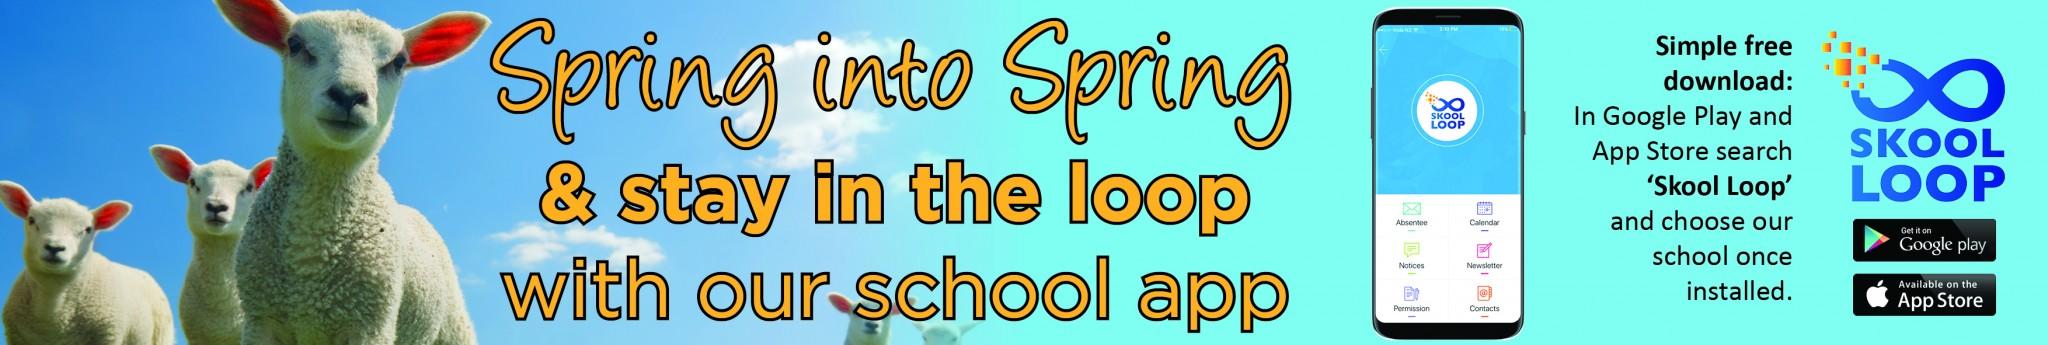 Skool Loop Spring